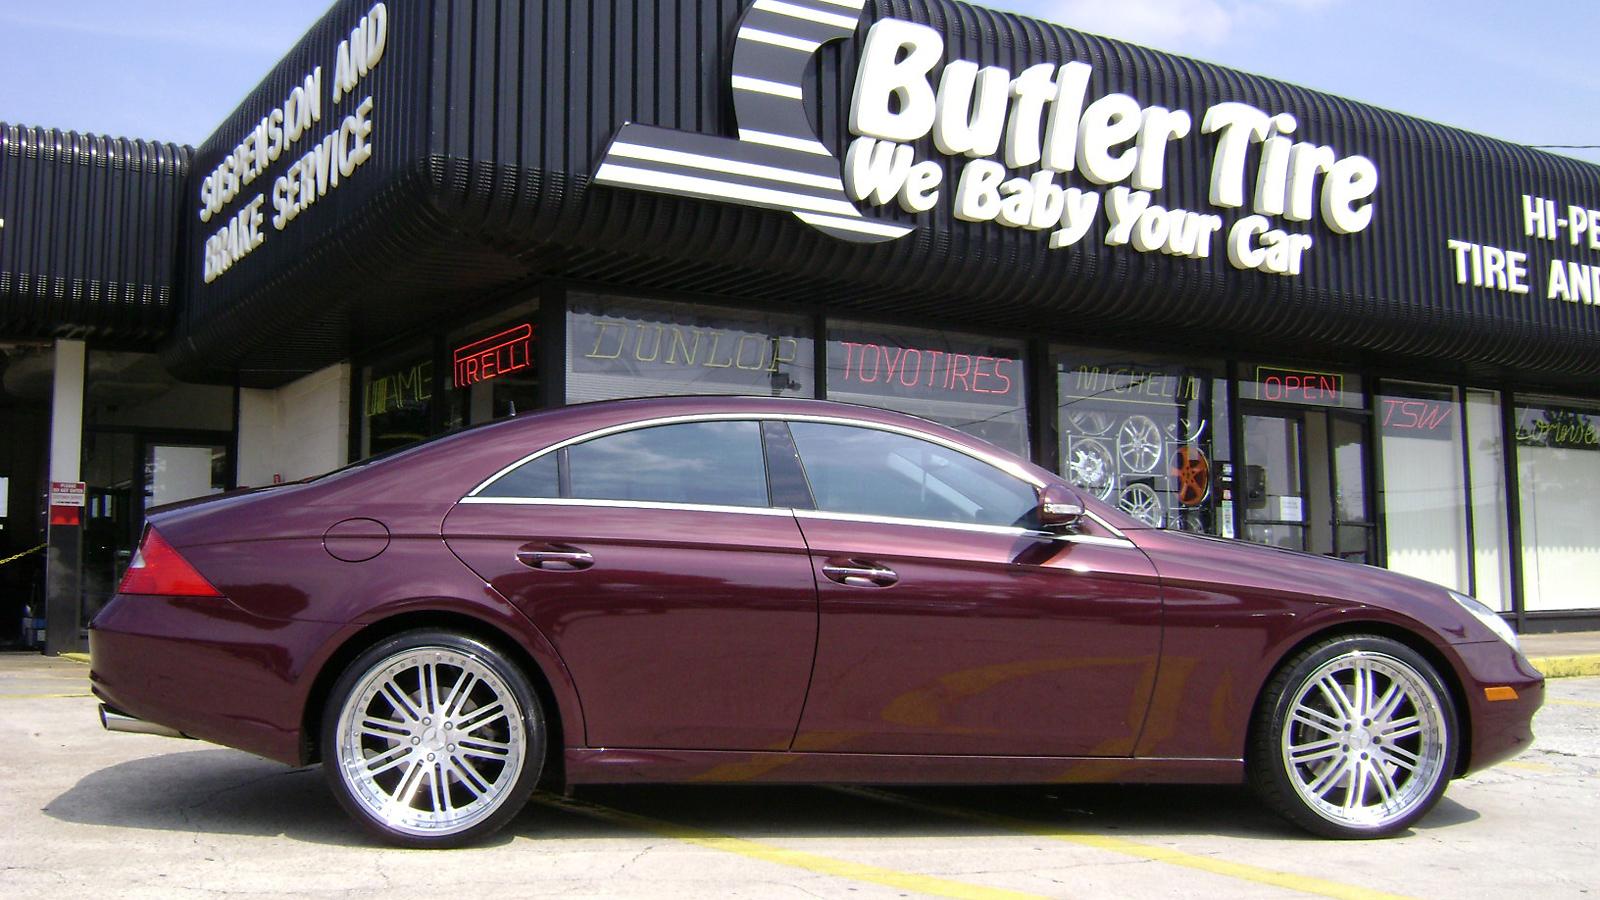 Mercedes Benz Cls500 Apex Gallery Mht Wheels Inc Cls 500 2006